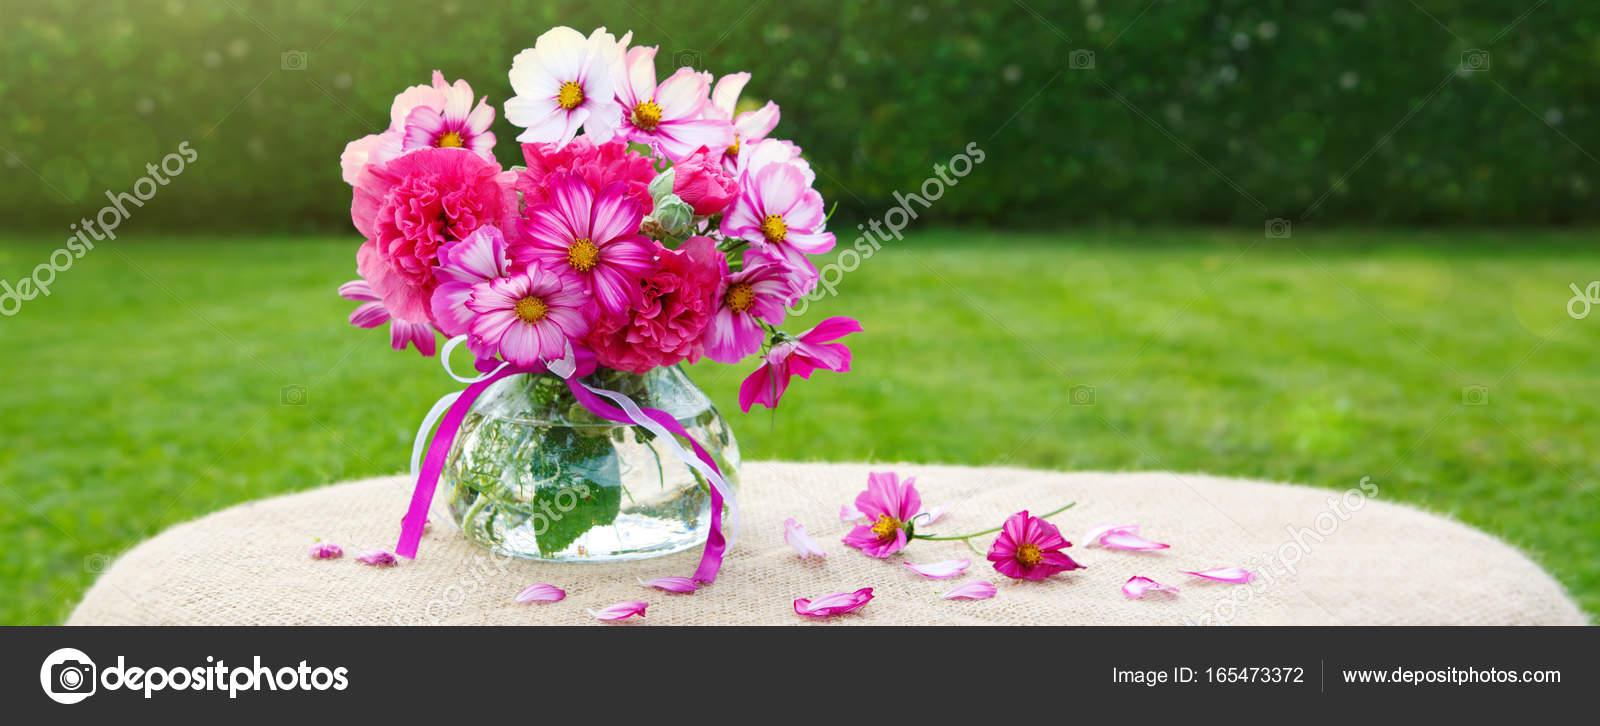 Buquê Colorido Flores Cartão De Férias Stock Photo Swkunst